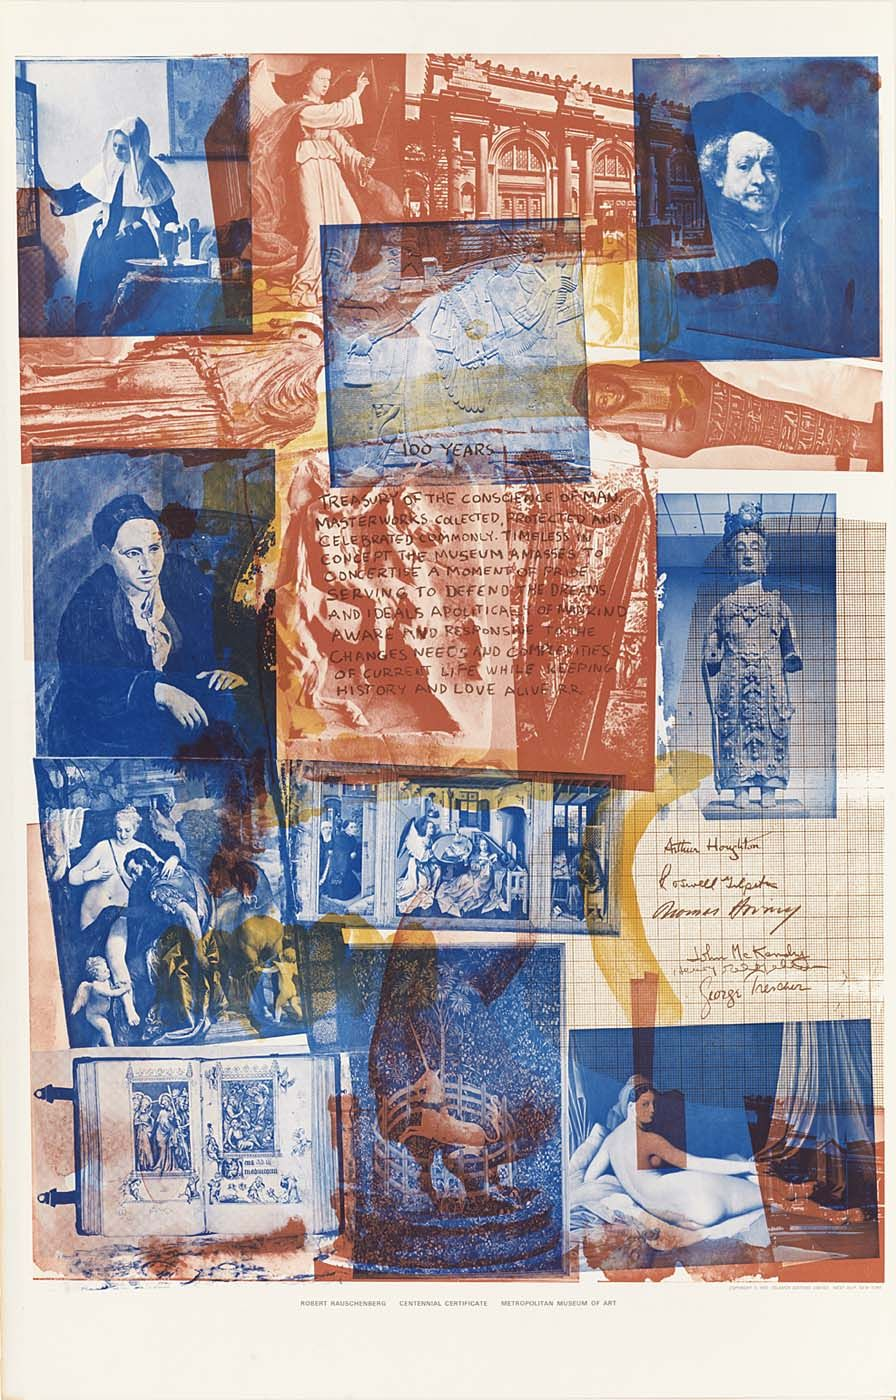 Robert Rauschenberg Art Poster Affiche